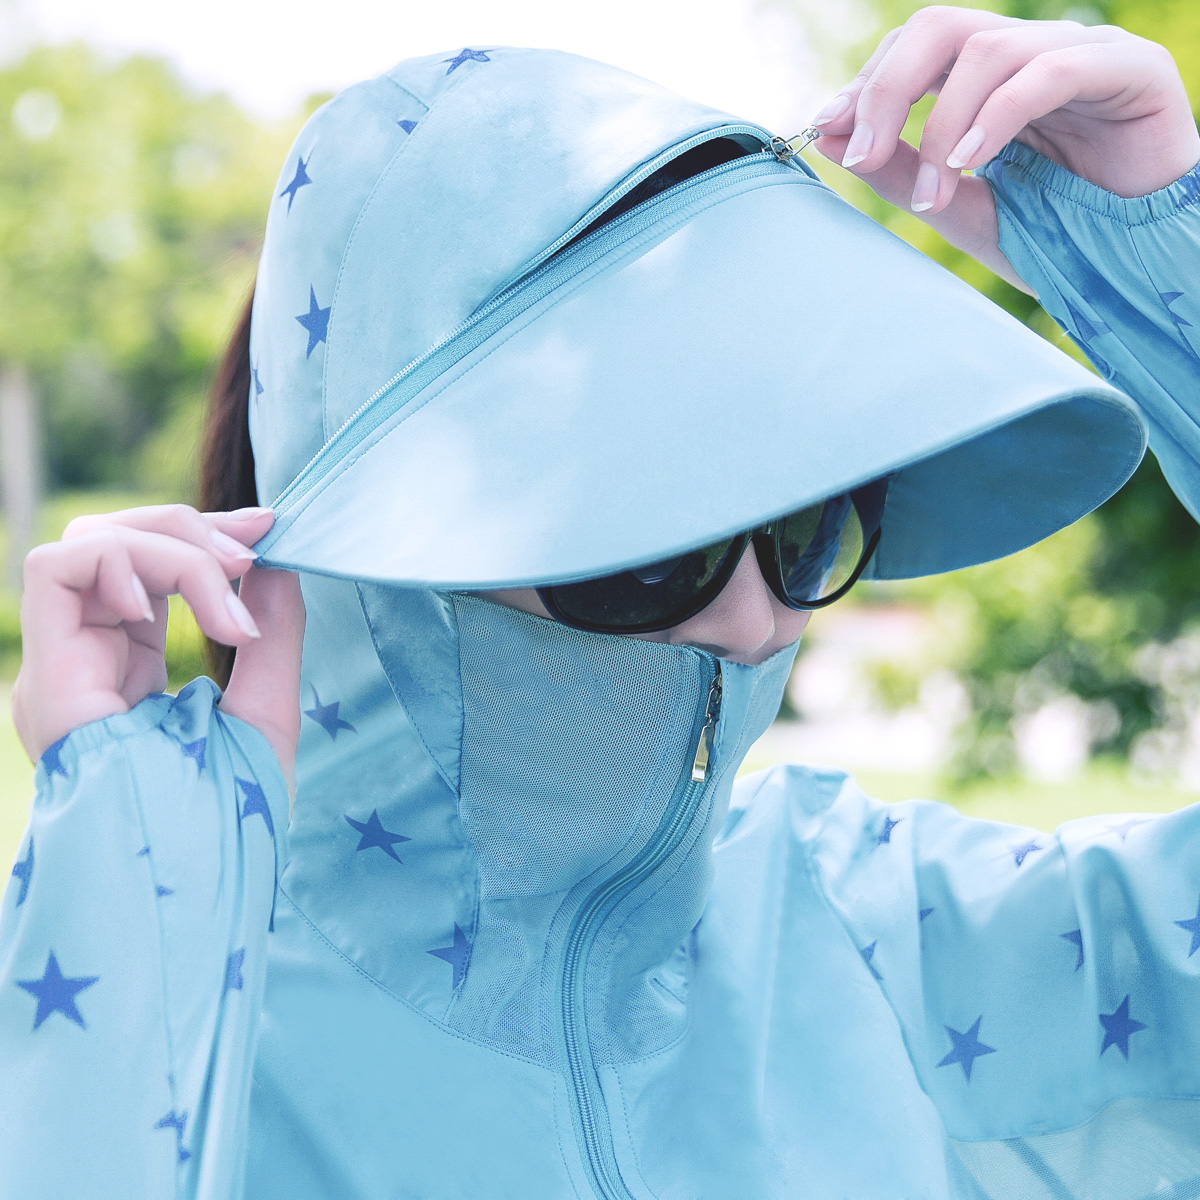 拆卸帽檐防晒衣女UPF50+防紫外线中长款韩版透气网纱防晒服薄外套